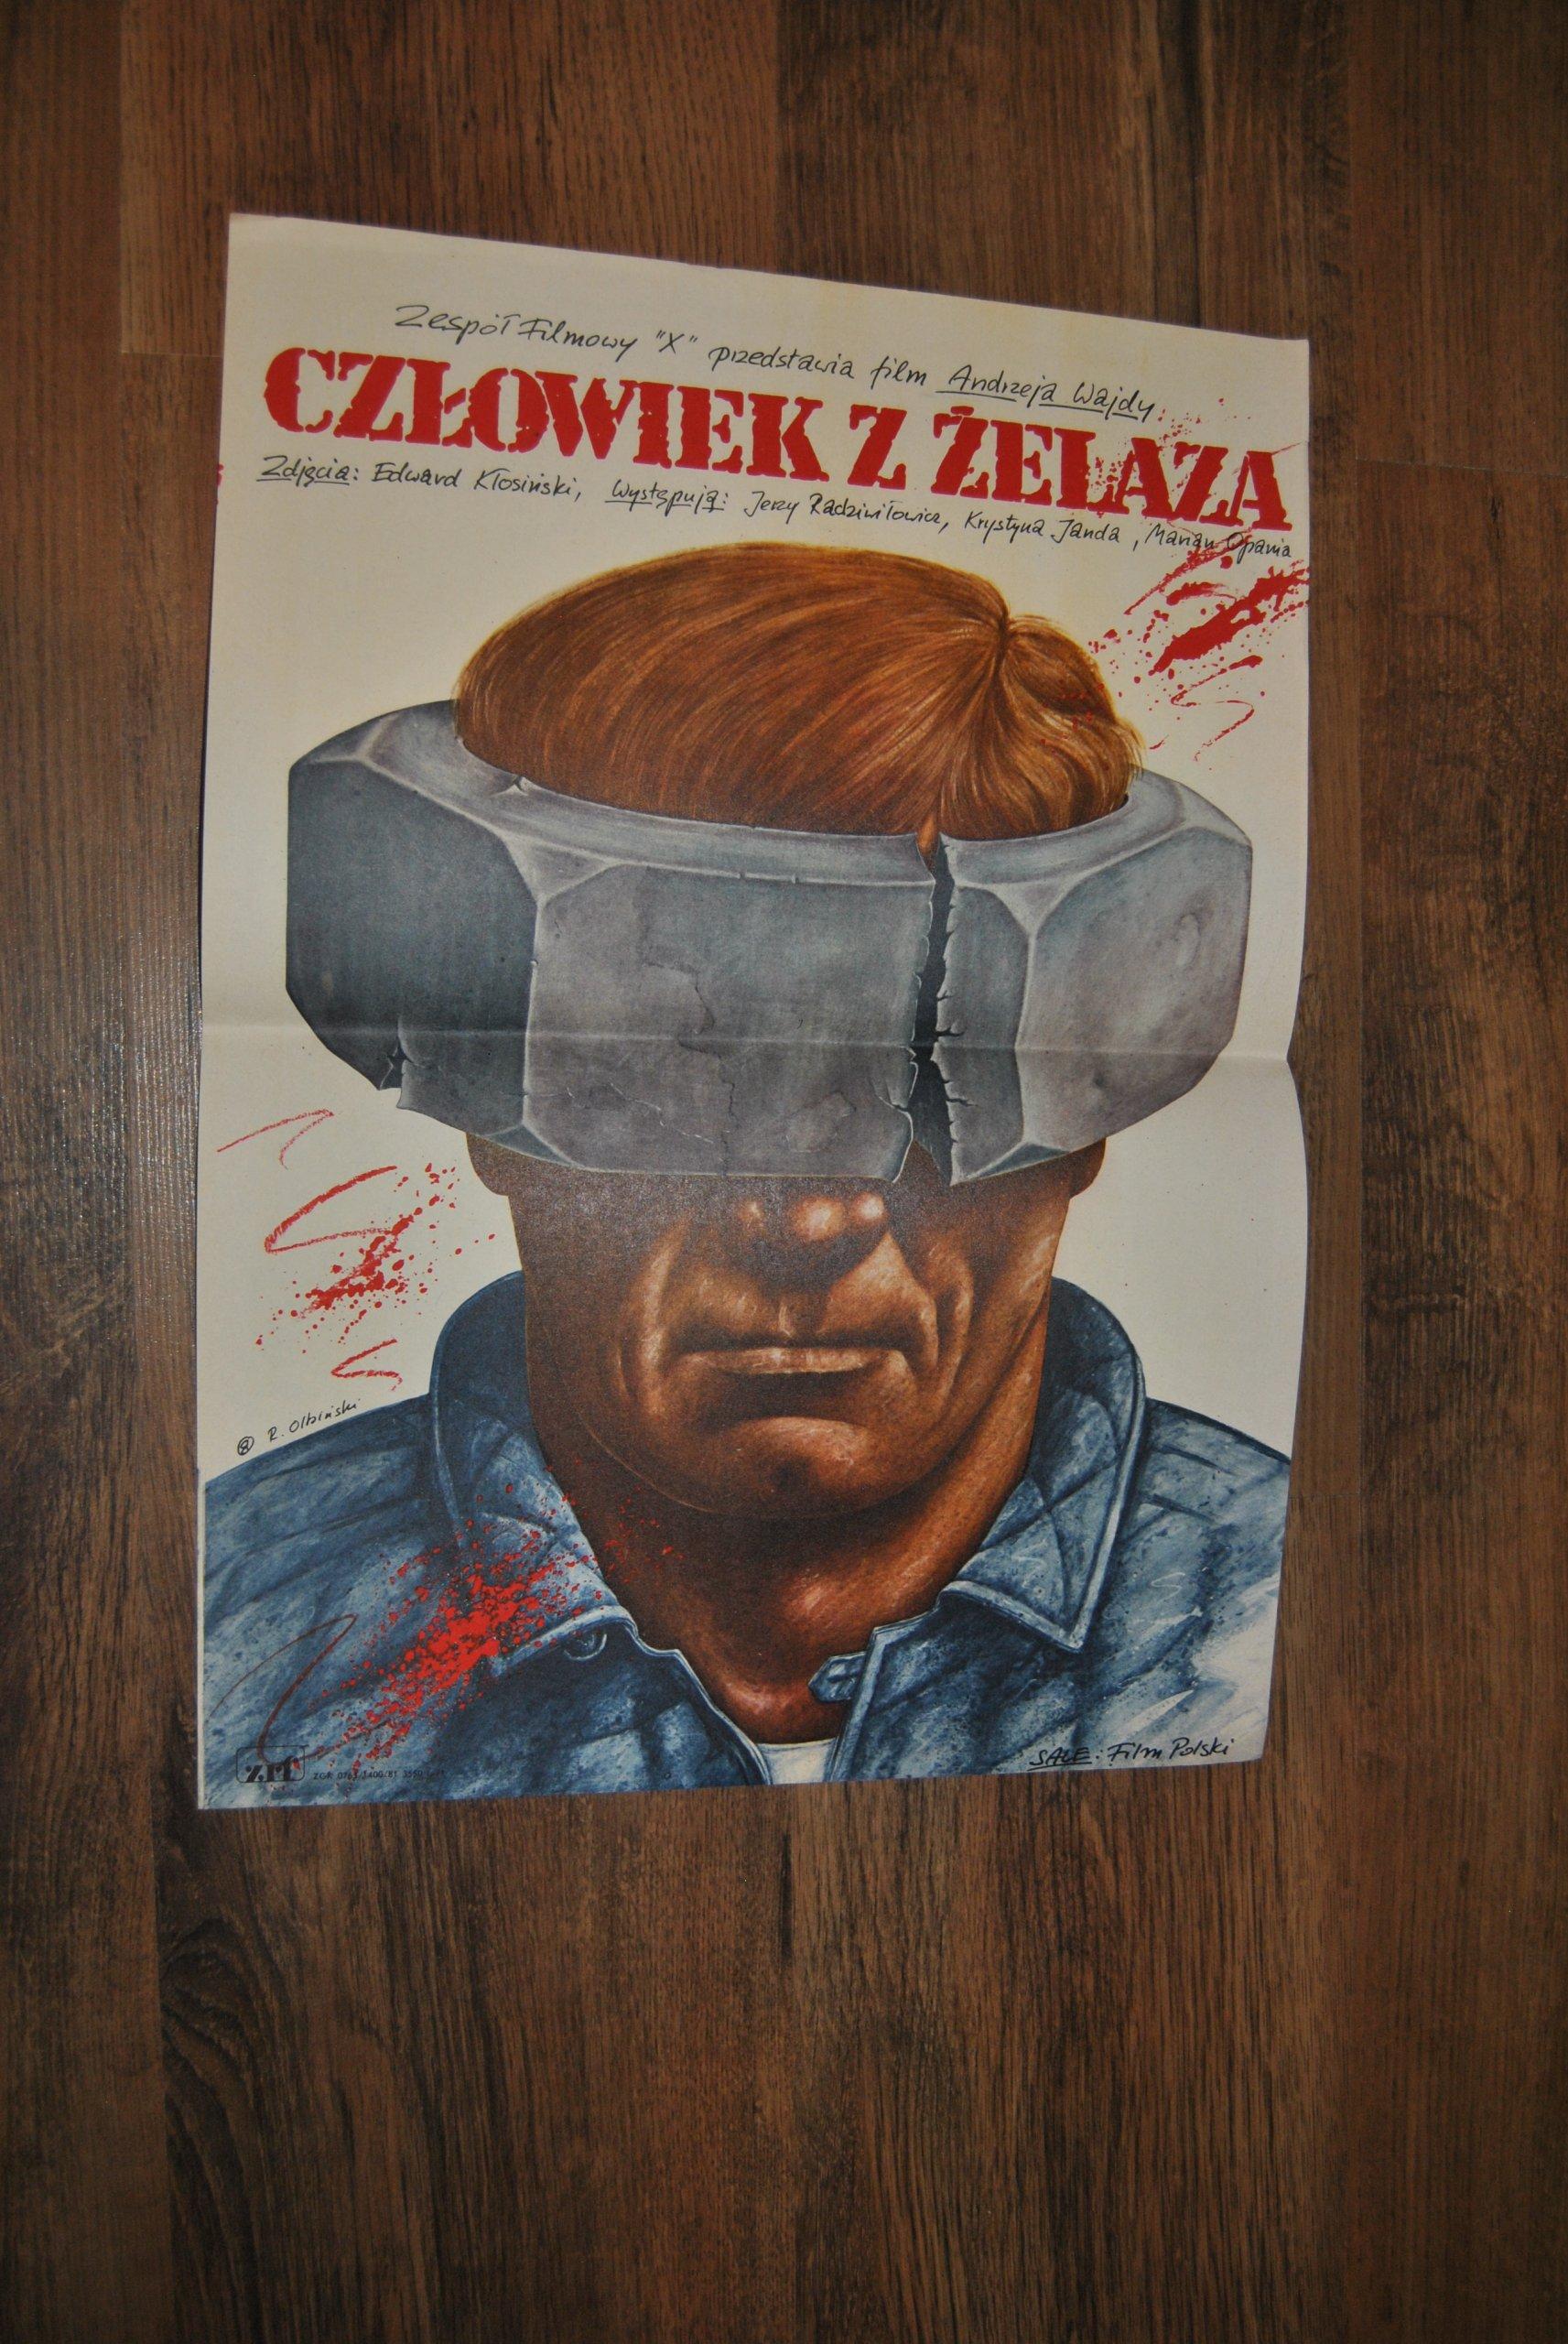 Plakat Filmowy Człowiek Z żelaza Olbiński 7179228649